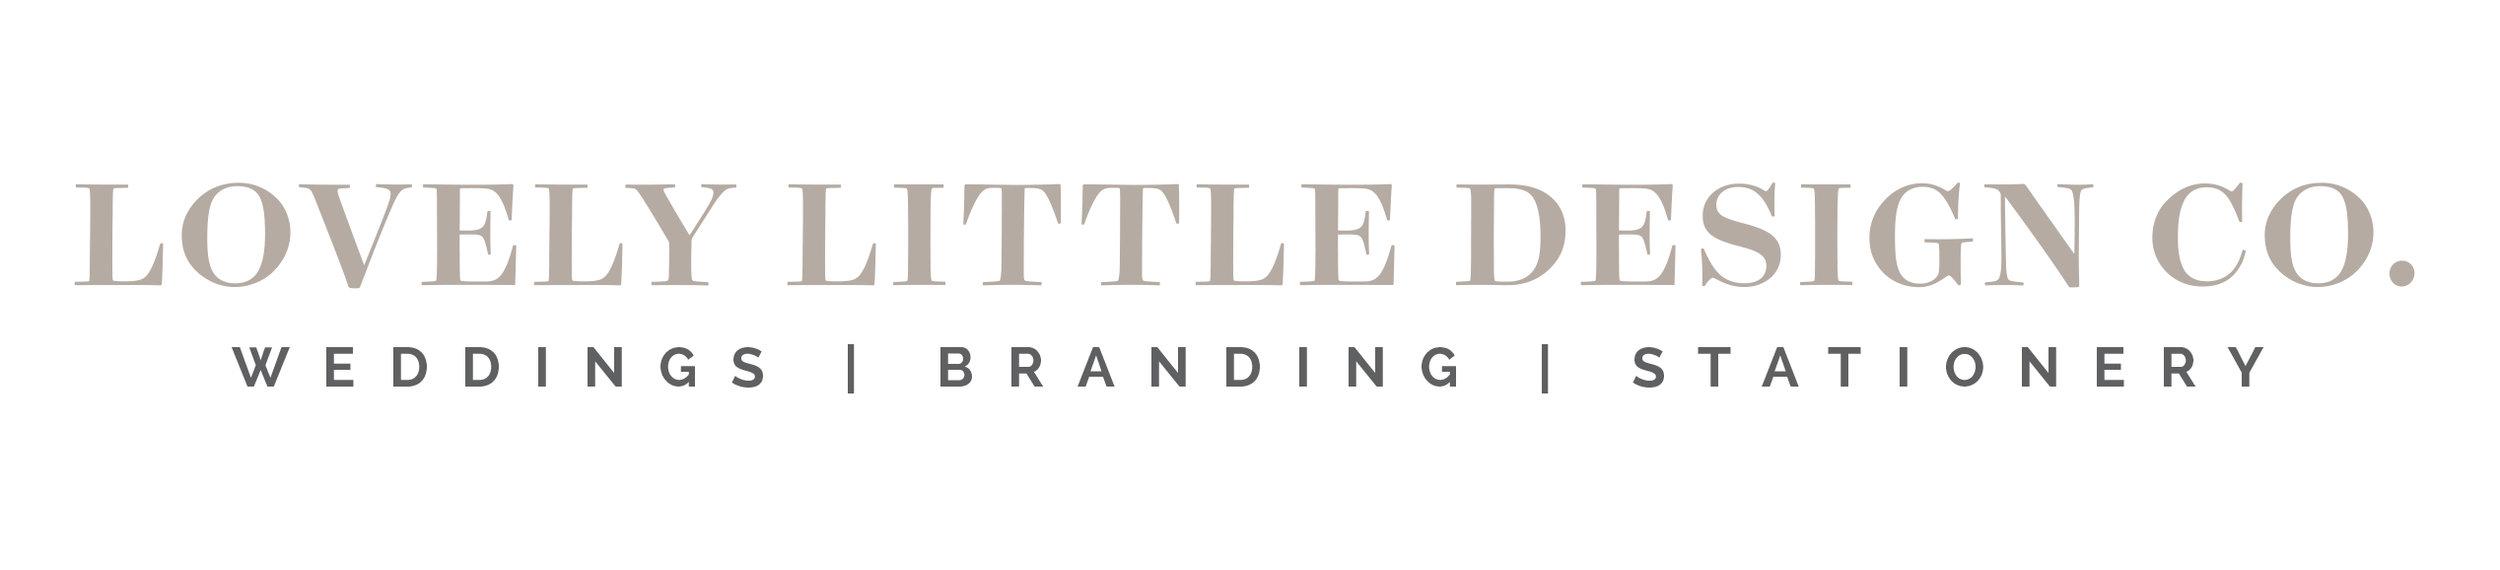 Design_WeddingsBrandingStationary